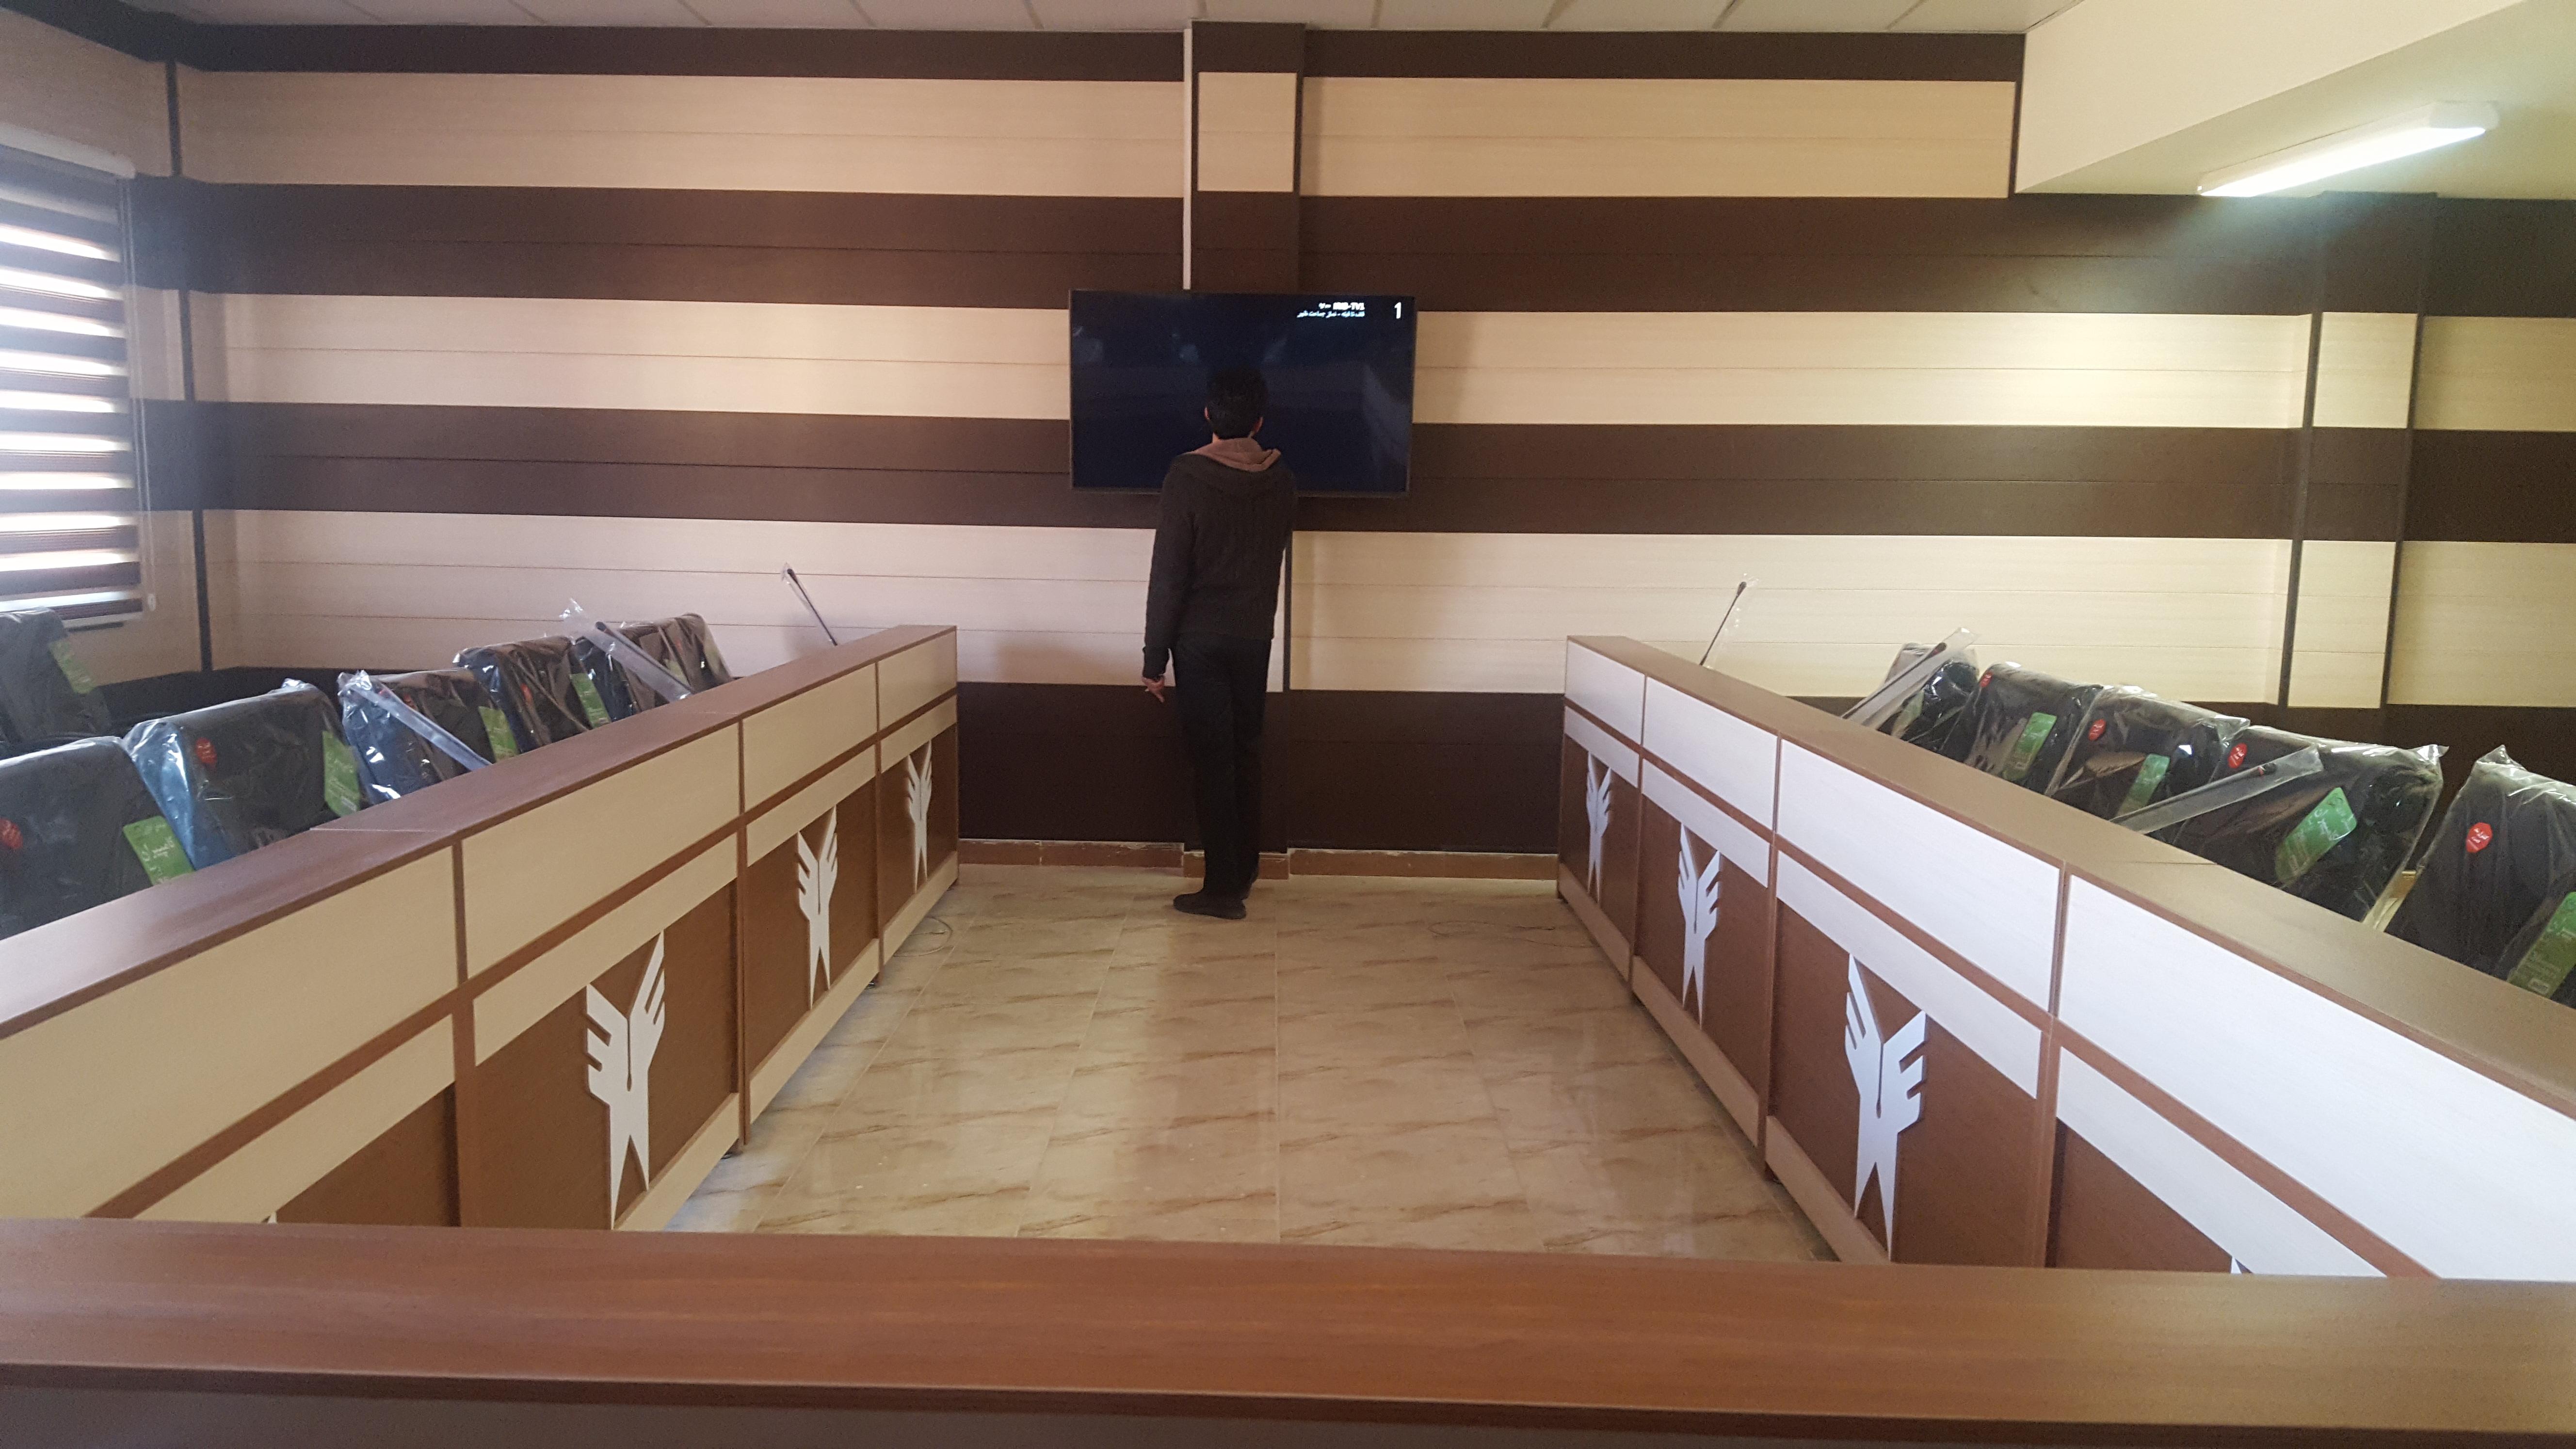 سالن کنفرانس دانشگاه بوئین زهرا 06